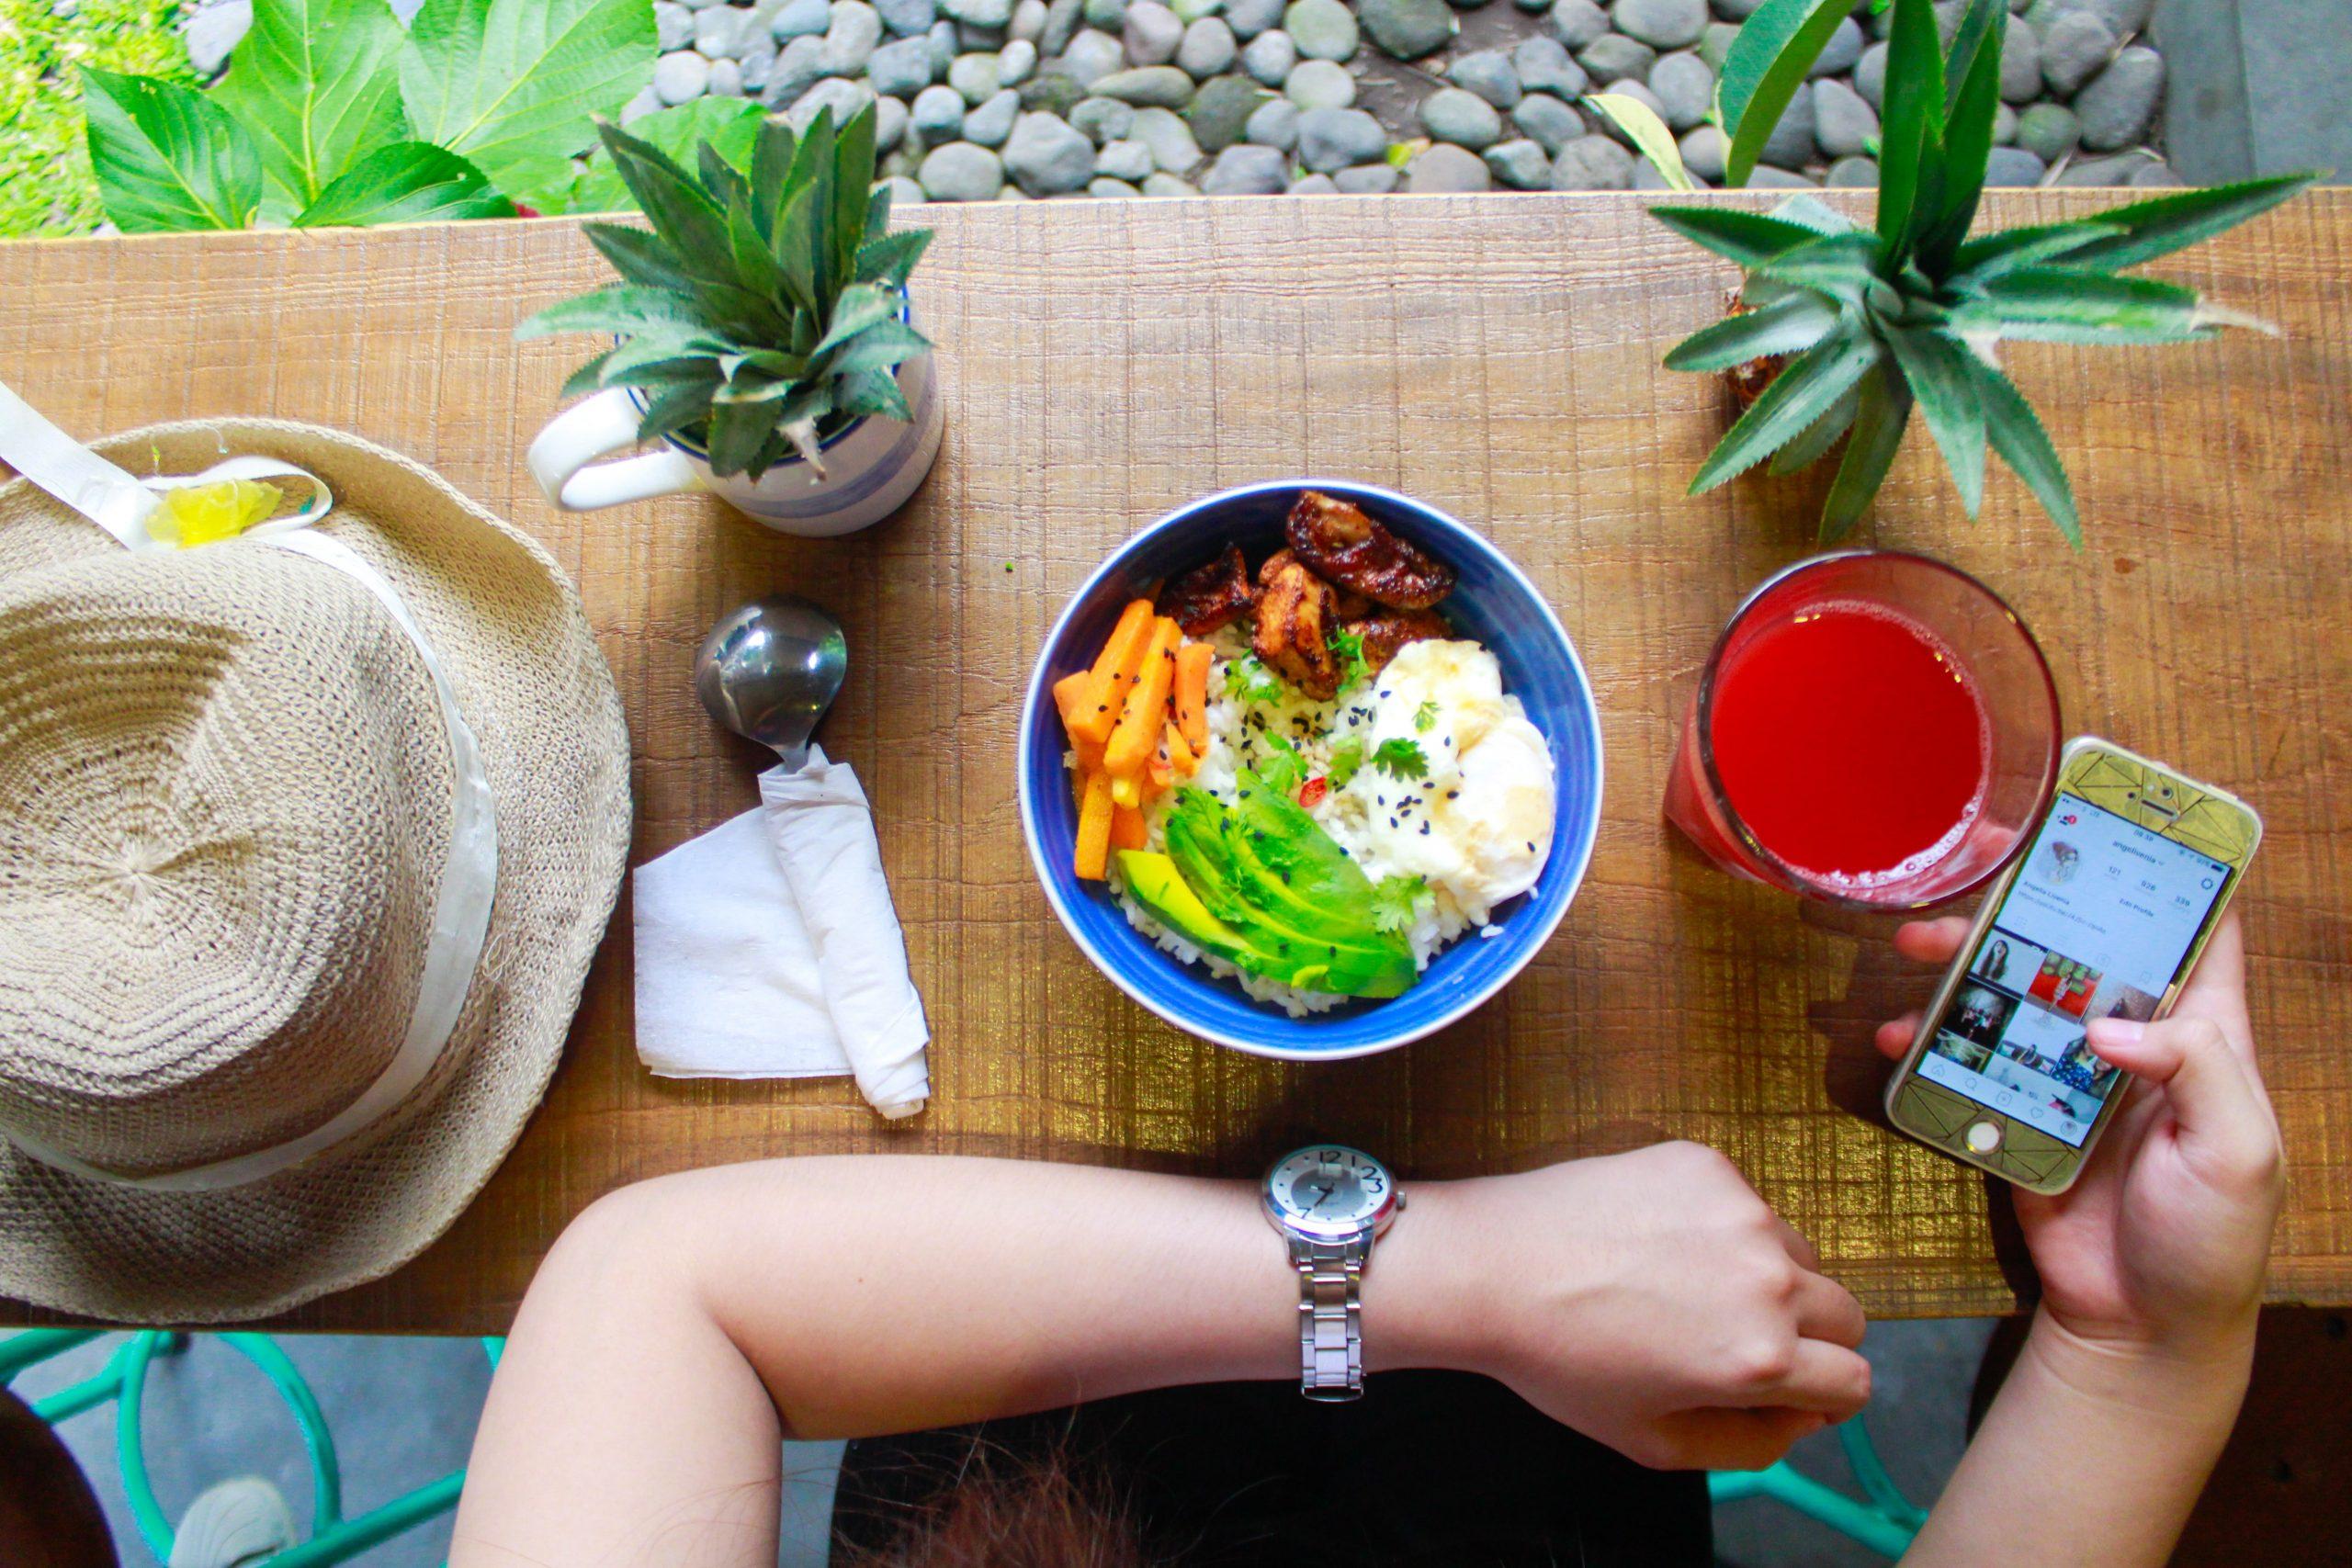 Mejora tus hábitos alimentarios y salud con estos consejos